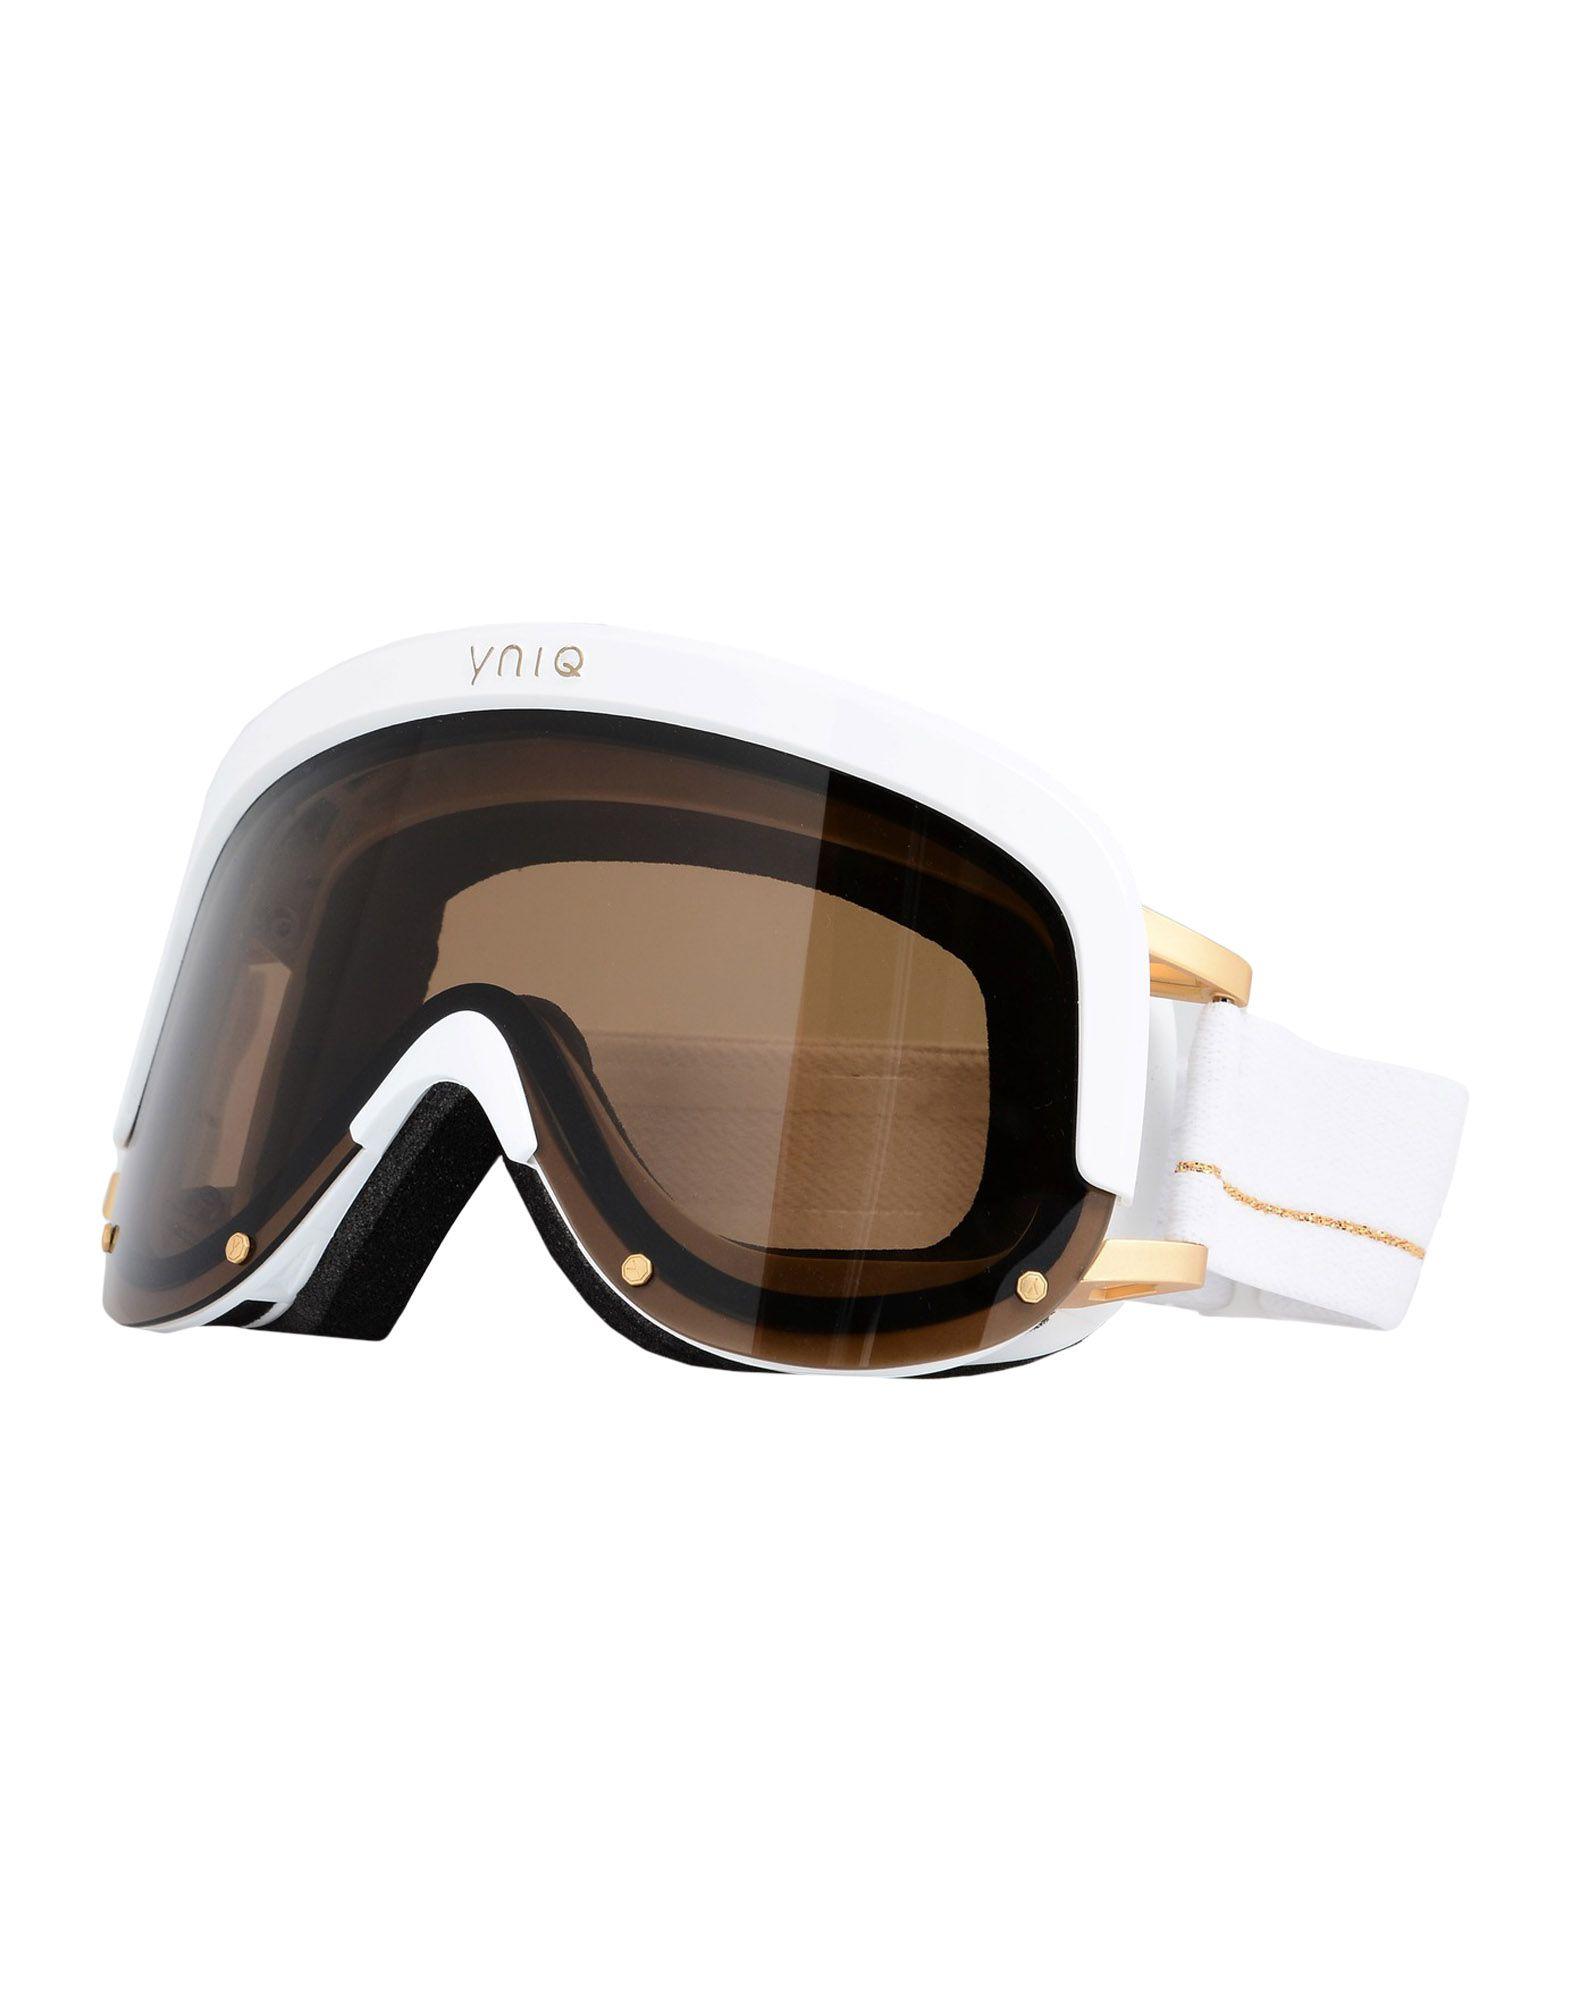 YNIQ Солнечные очки мини лыжи большие из морозостойк пластика с 2мя текстил ремешками 41см